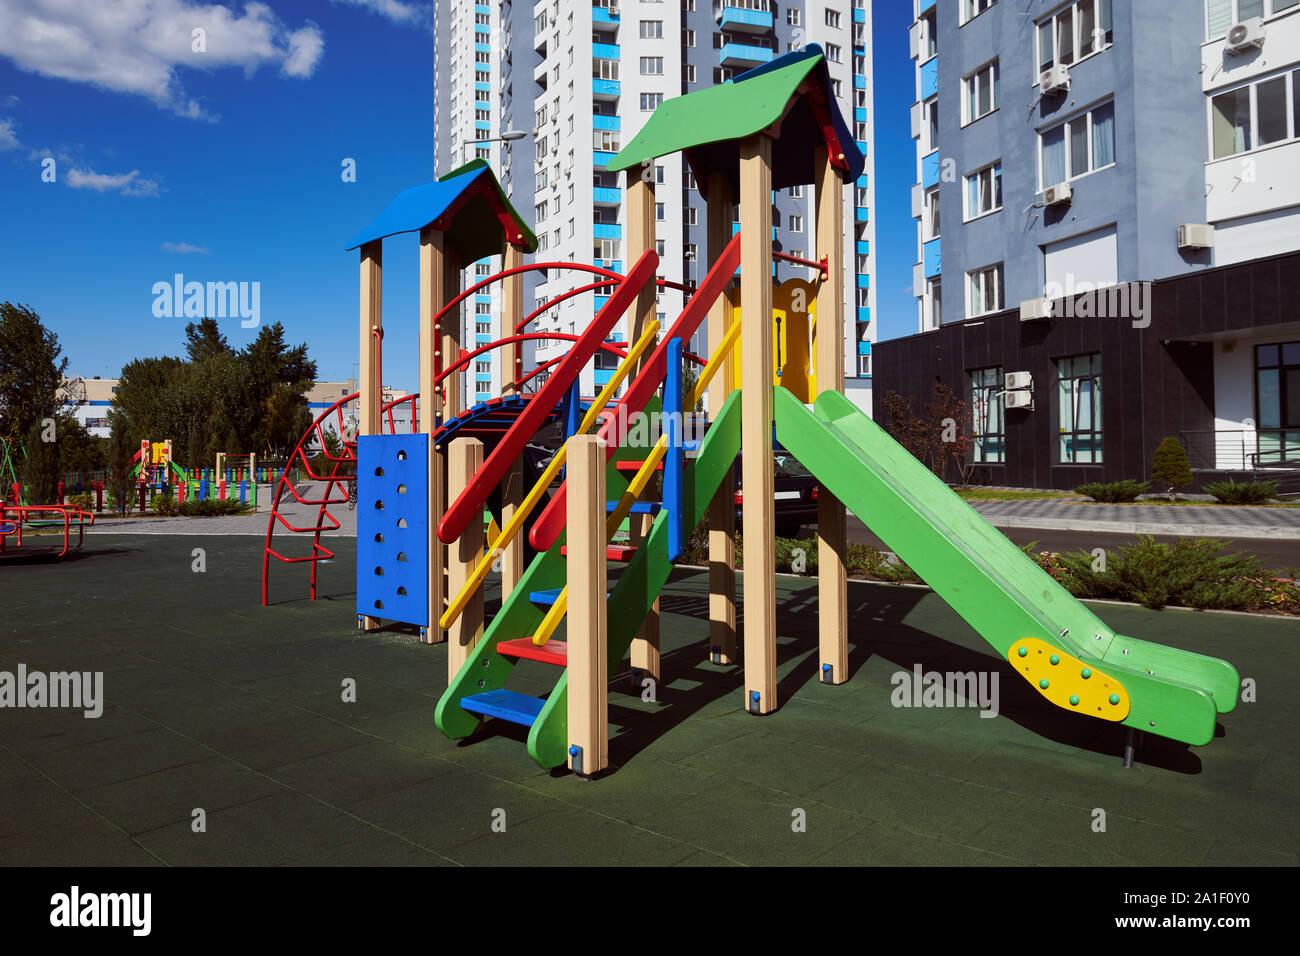 Vuoto in legno colorato per bambini con scorrimento scala sul parco giochi. Attrazioni situate nel cortile contro un alto edificio e cielo blu. Foto Stock